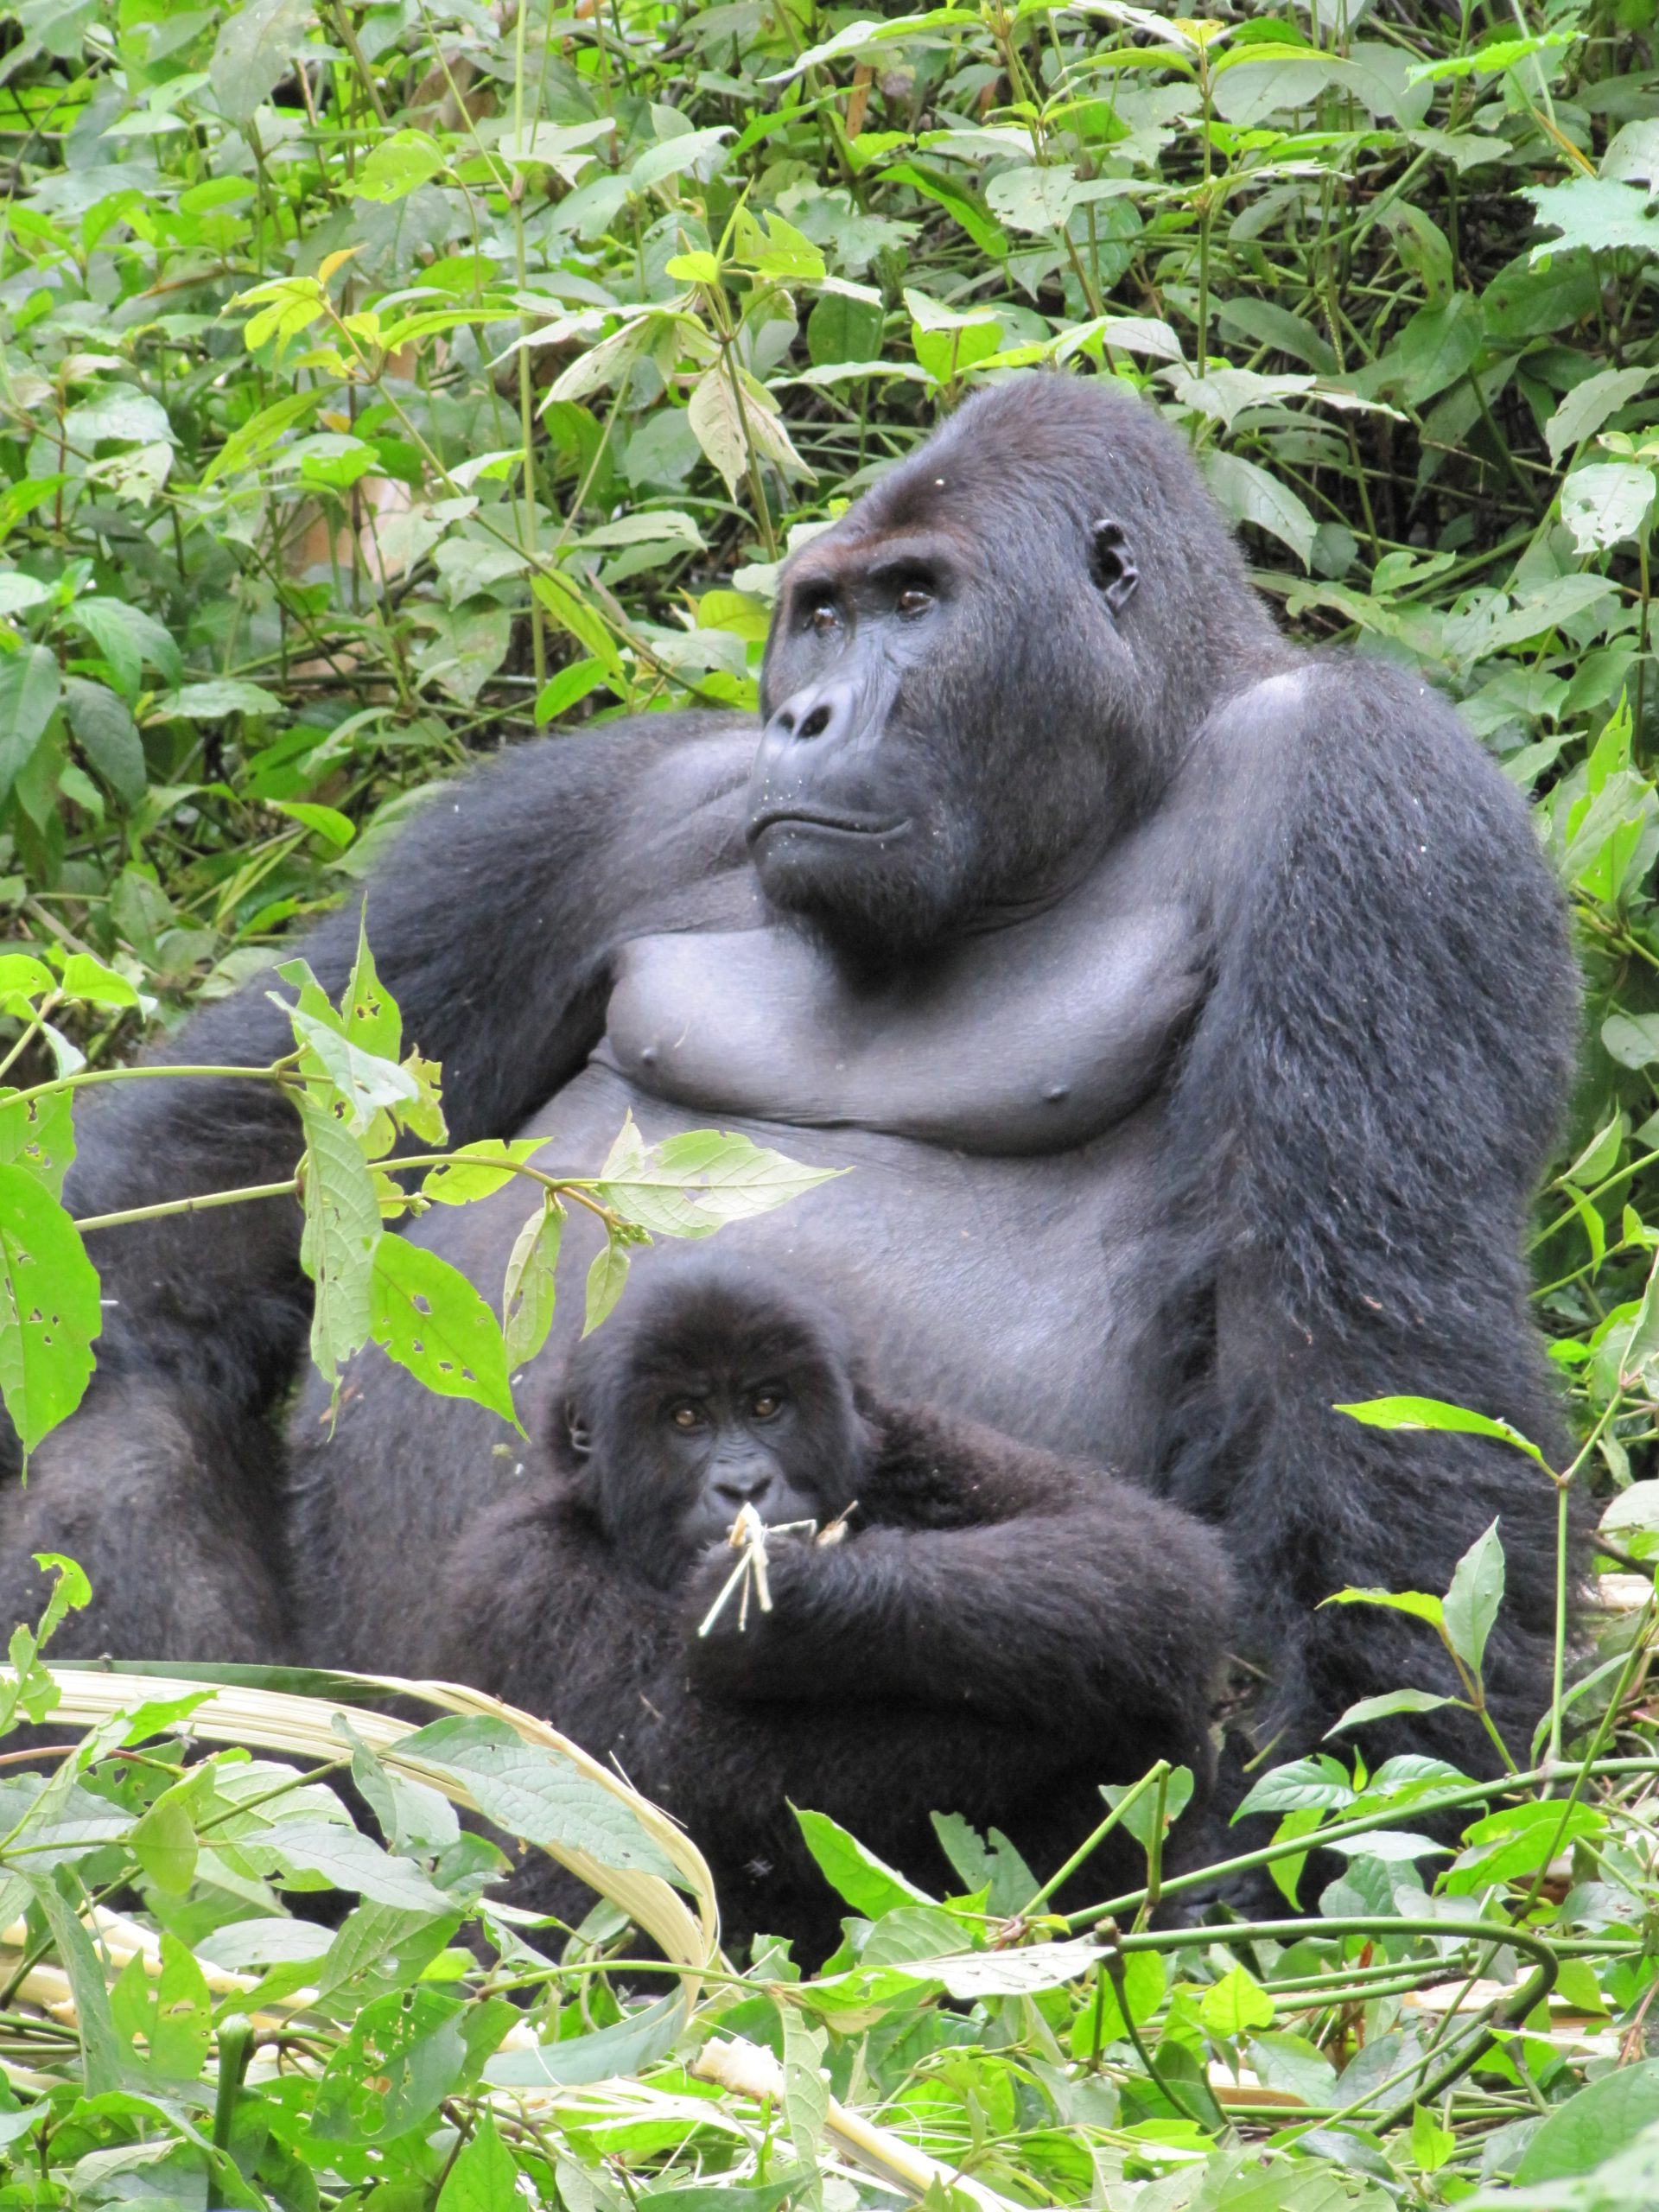 Prosiect Fauna and Flora International yn cefnogi cymunedau a gorilaod